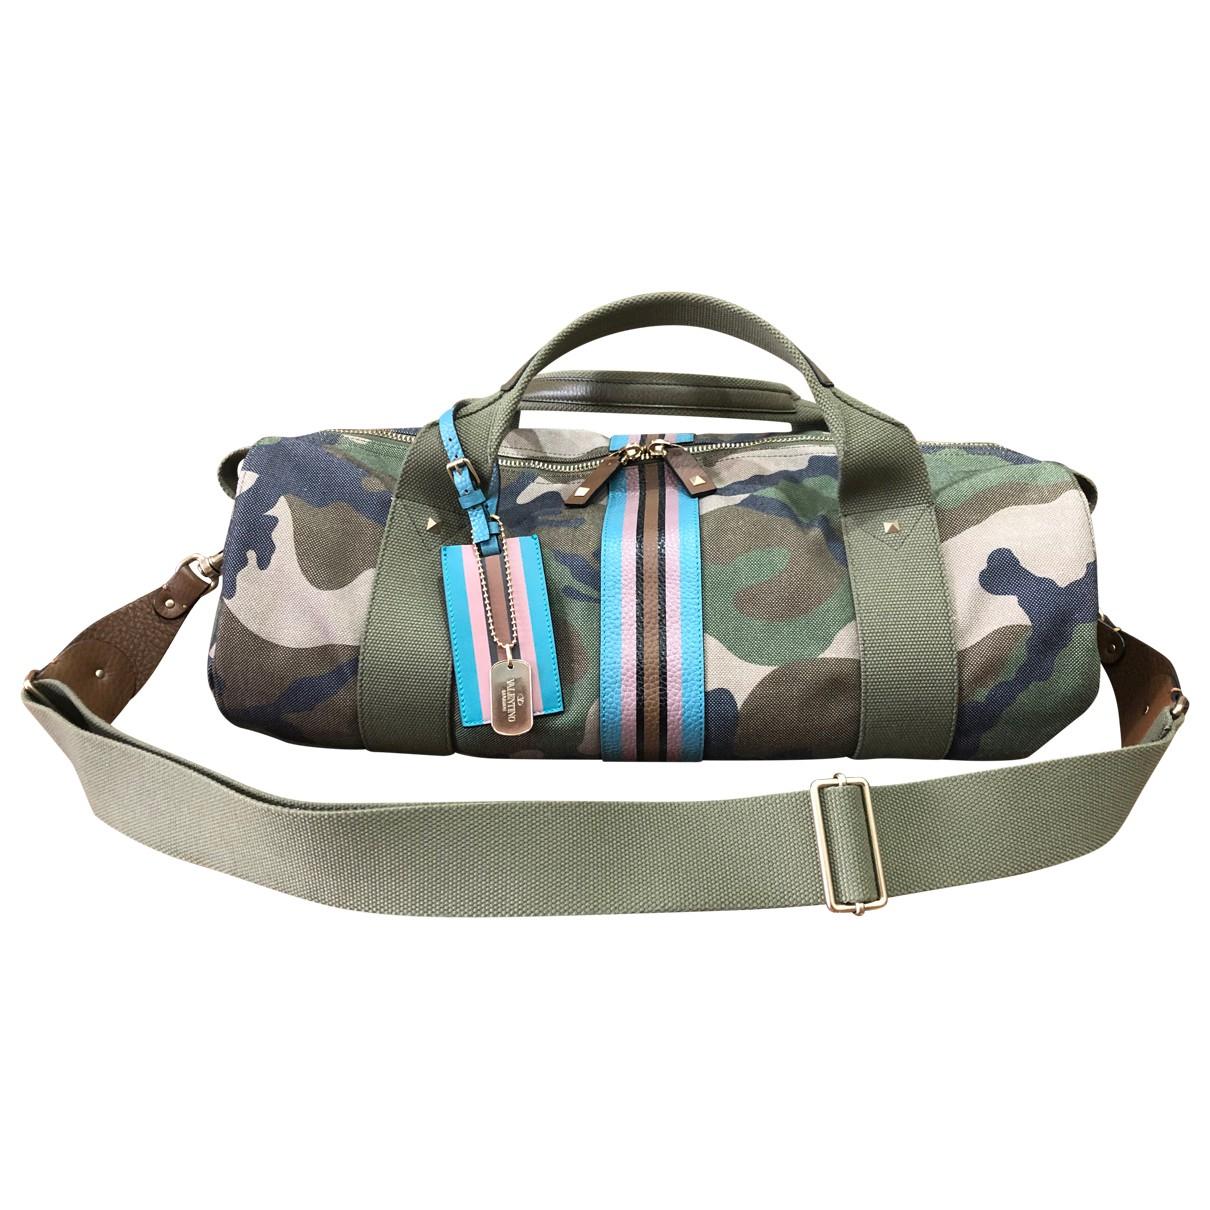 Valentino Garavani N Multicolour Cloth bag for Men N